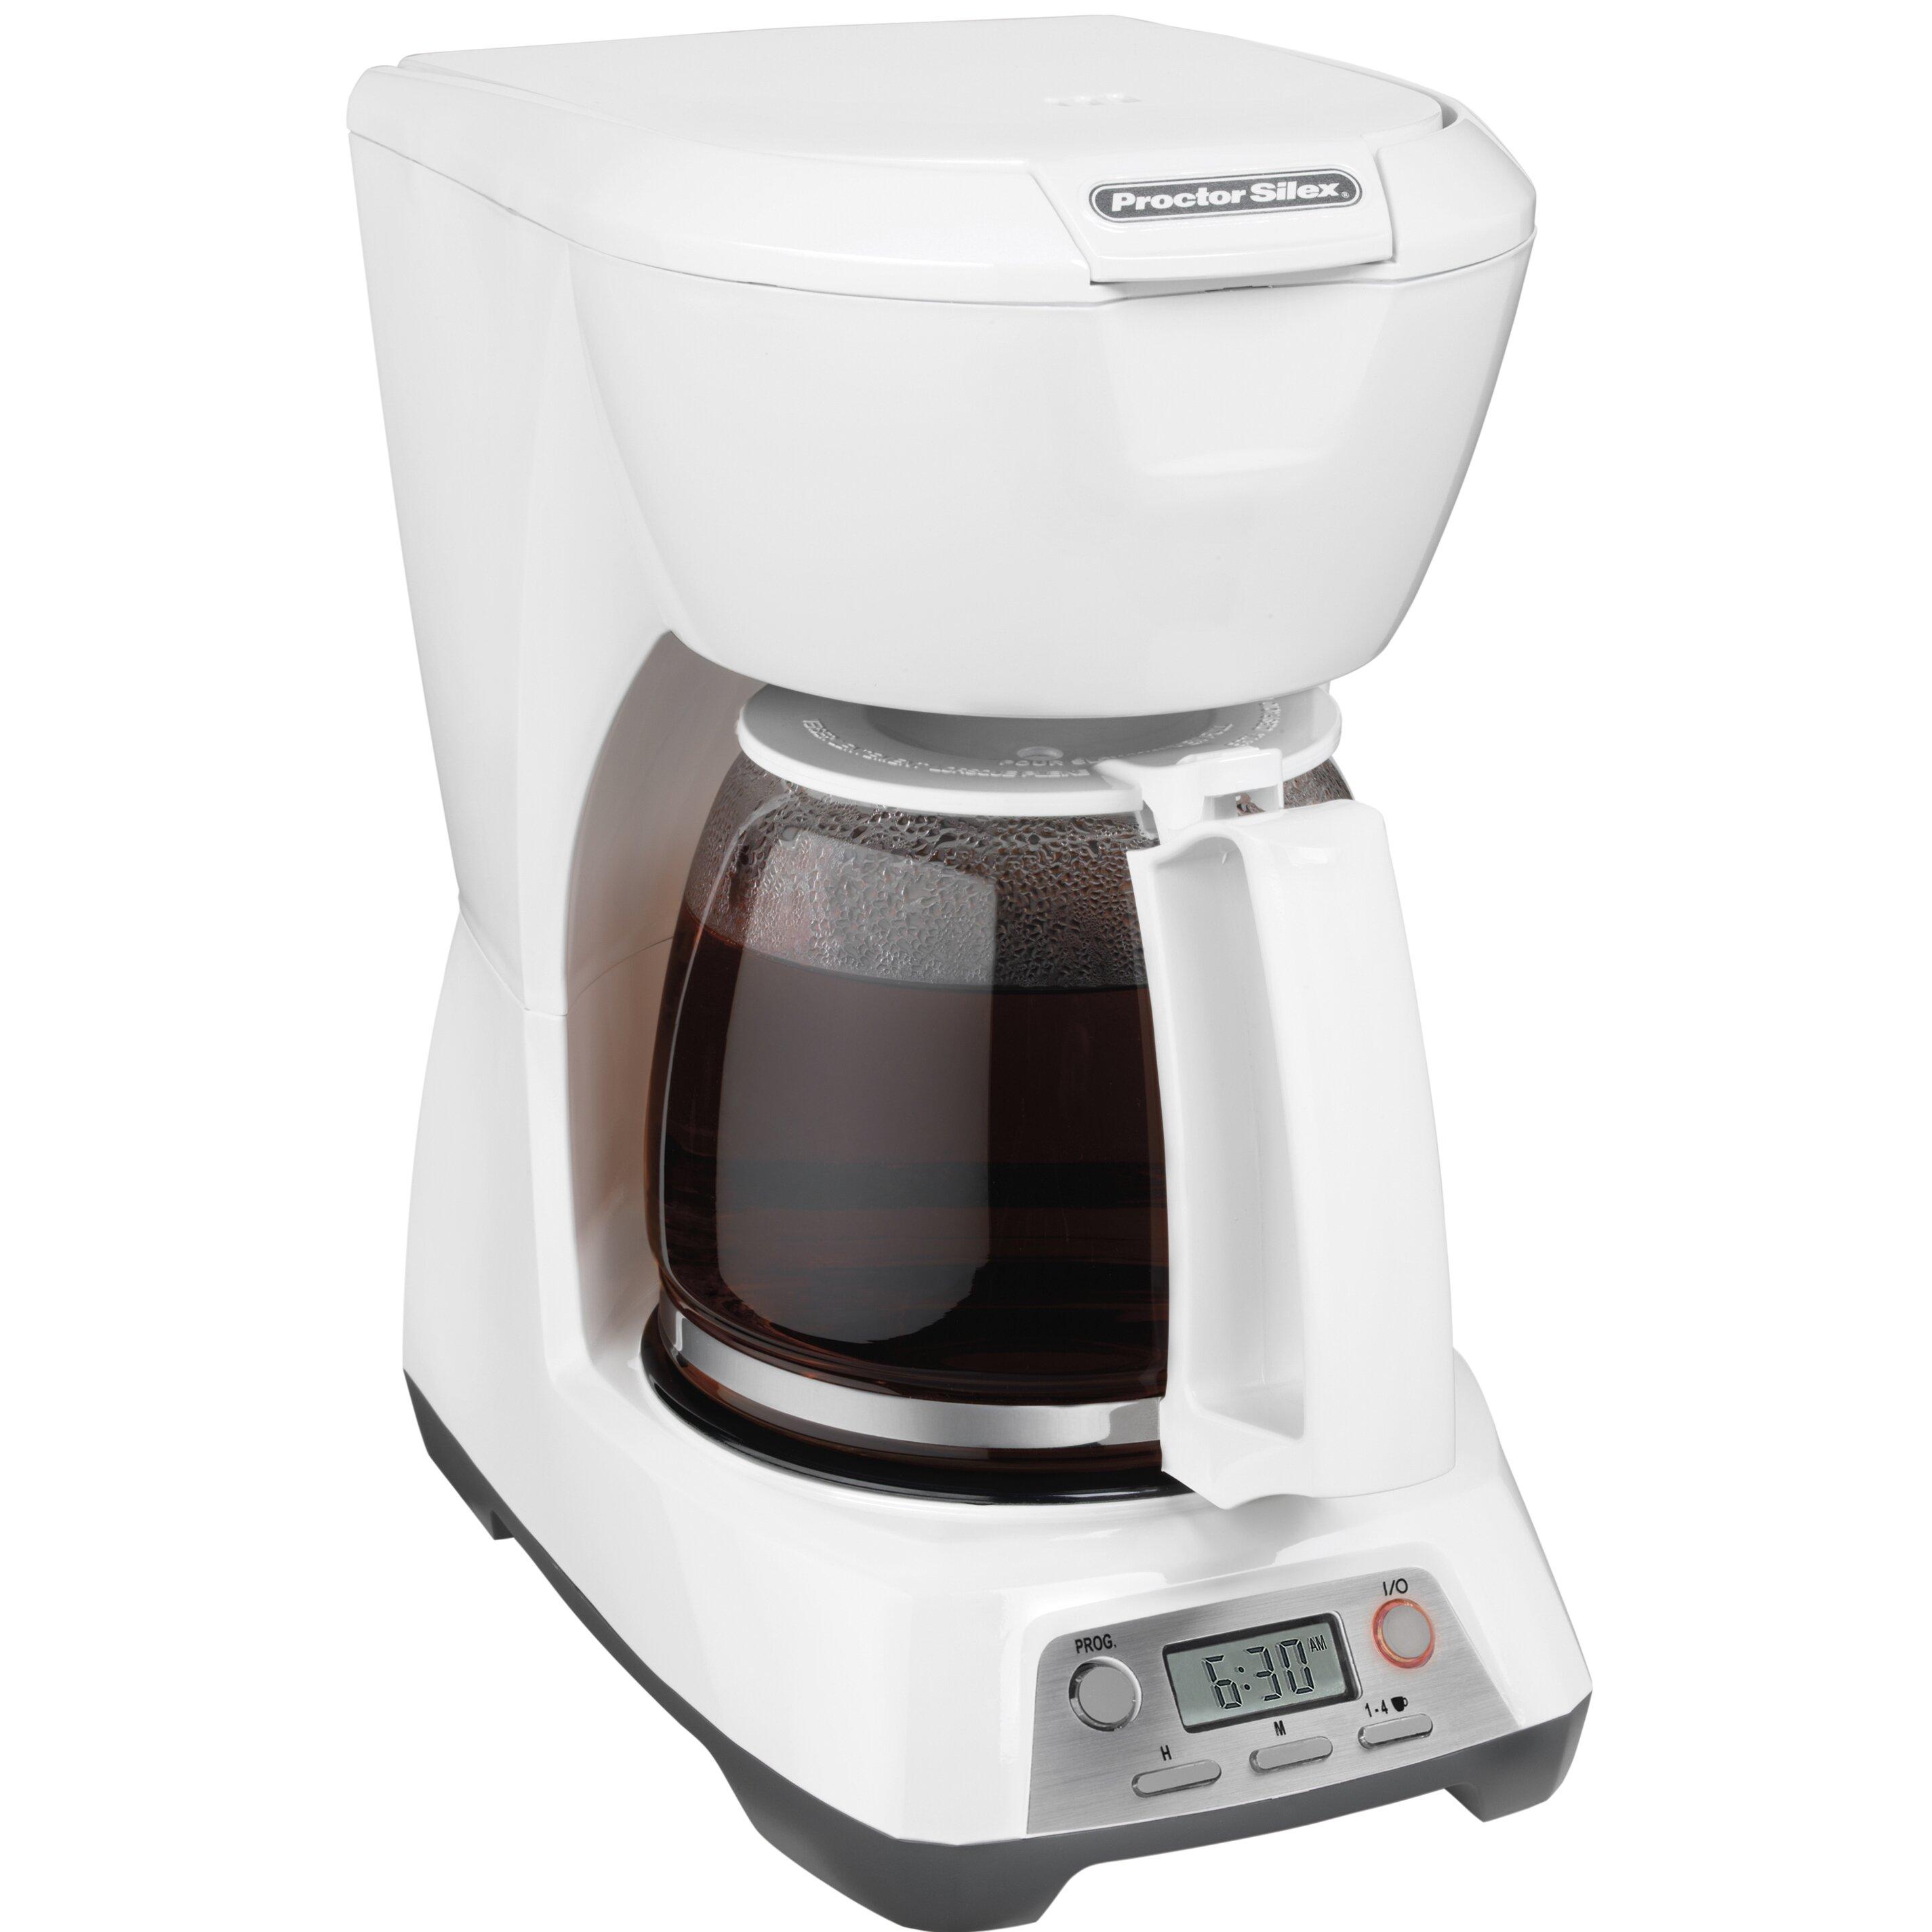 Proctor-Silex Digital Coffee Maker & Reviews Wayfair